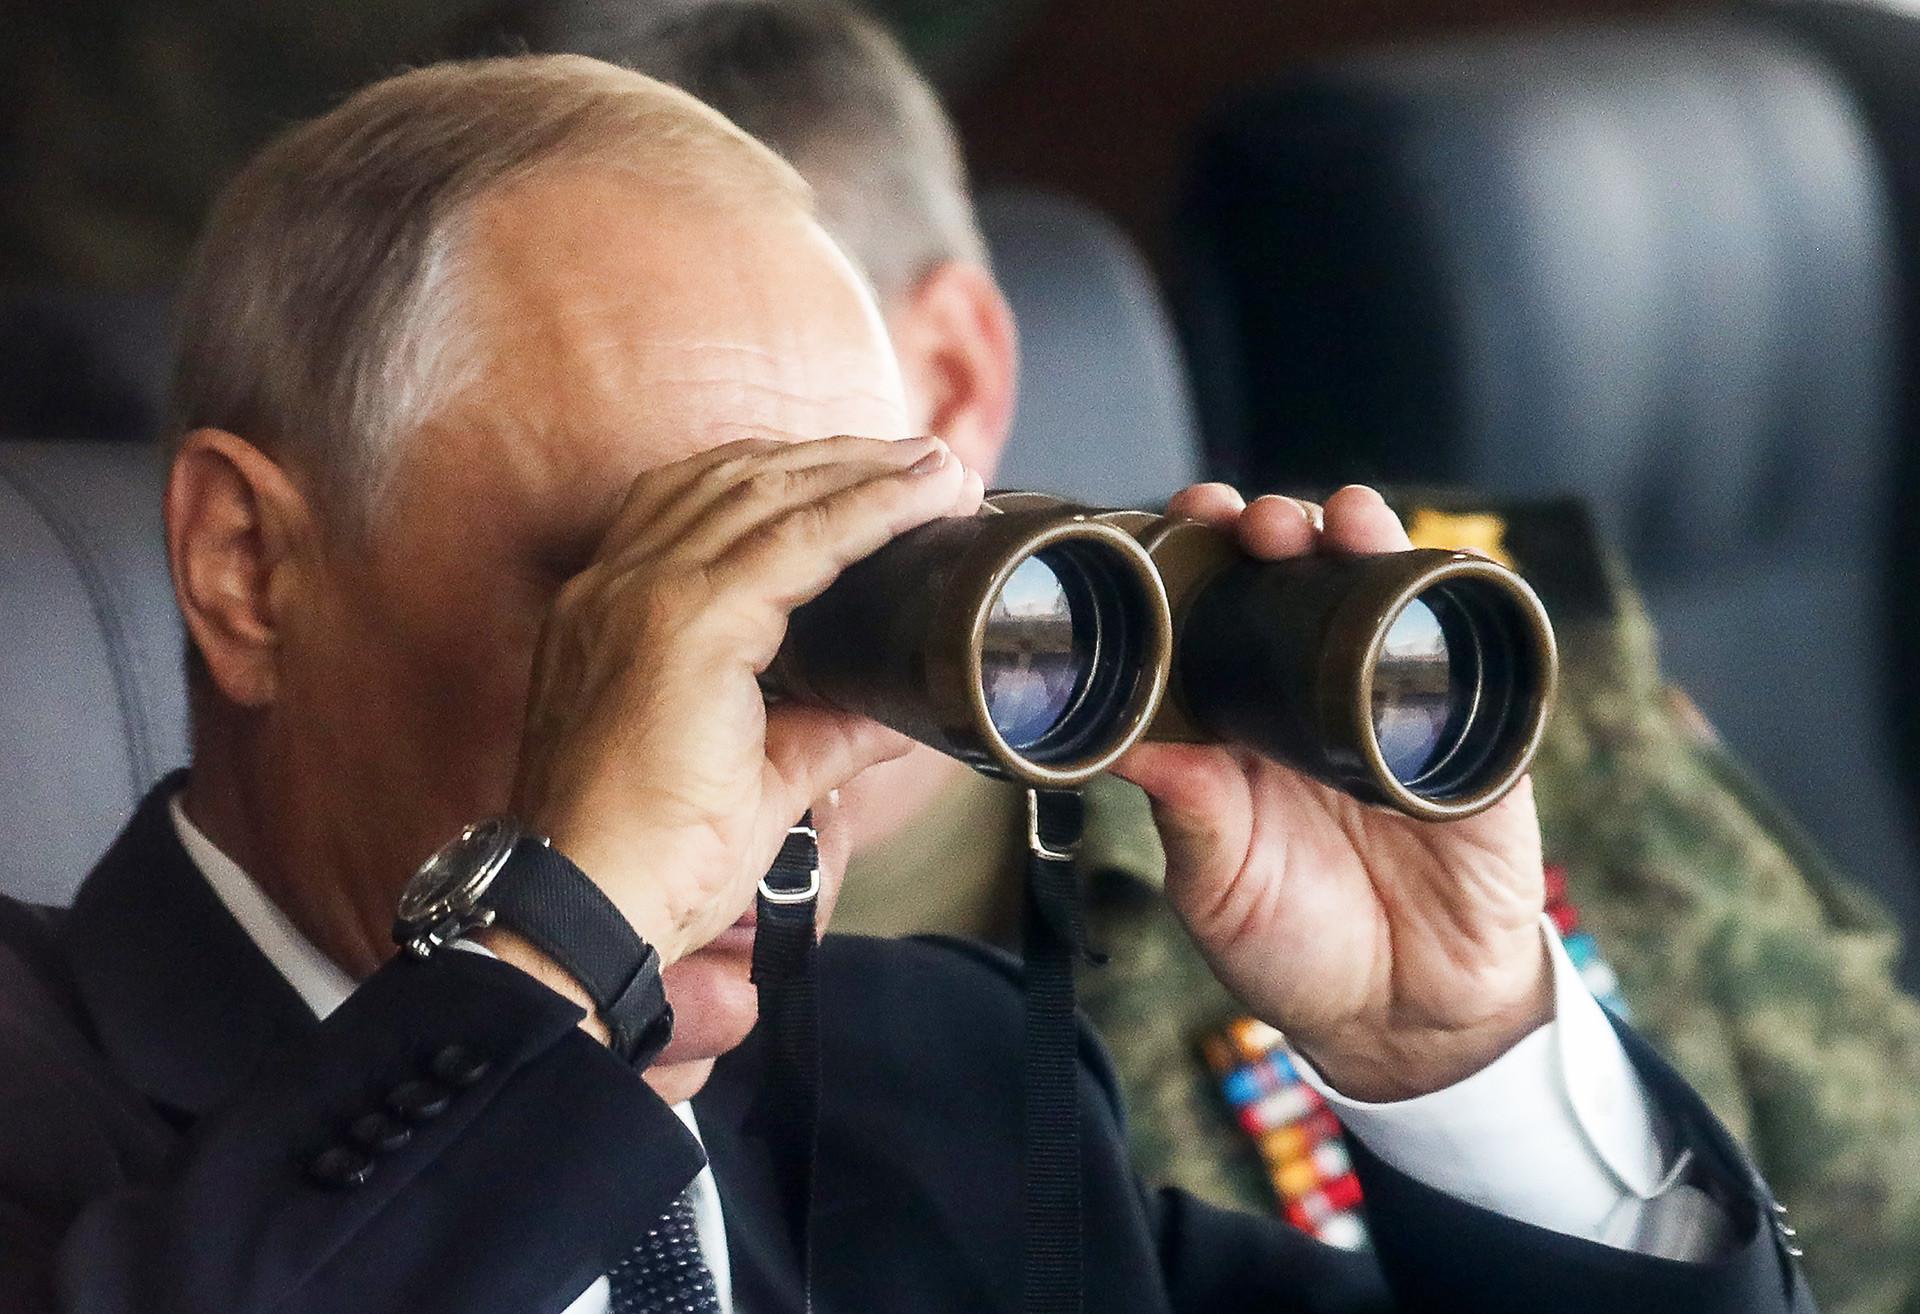 ツゴル演習場で行われた露中合同軍事演習「ボストーク2018」の重要な場面を見るため訪れたロシアのウラジーミル・プーチン大統領。